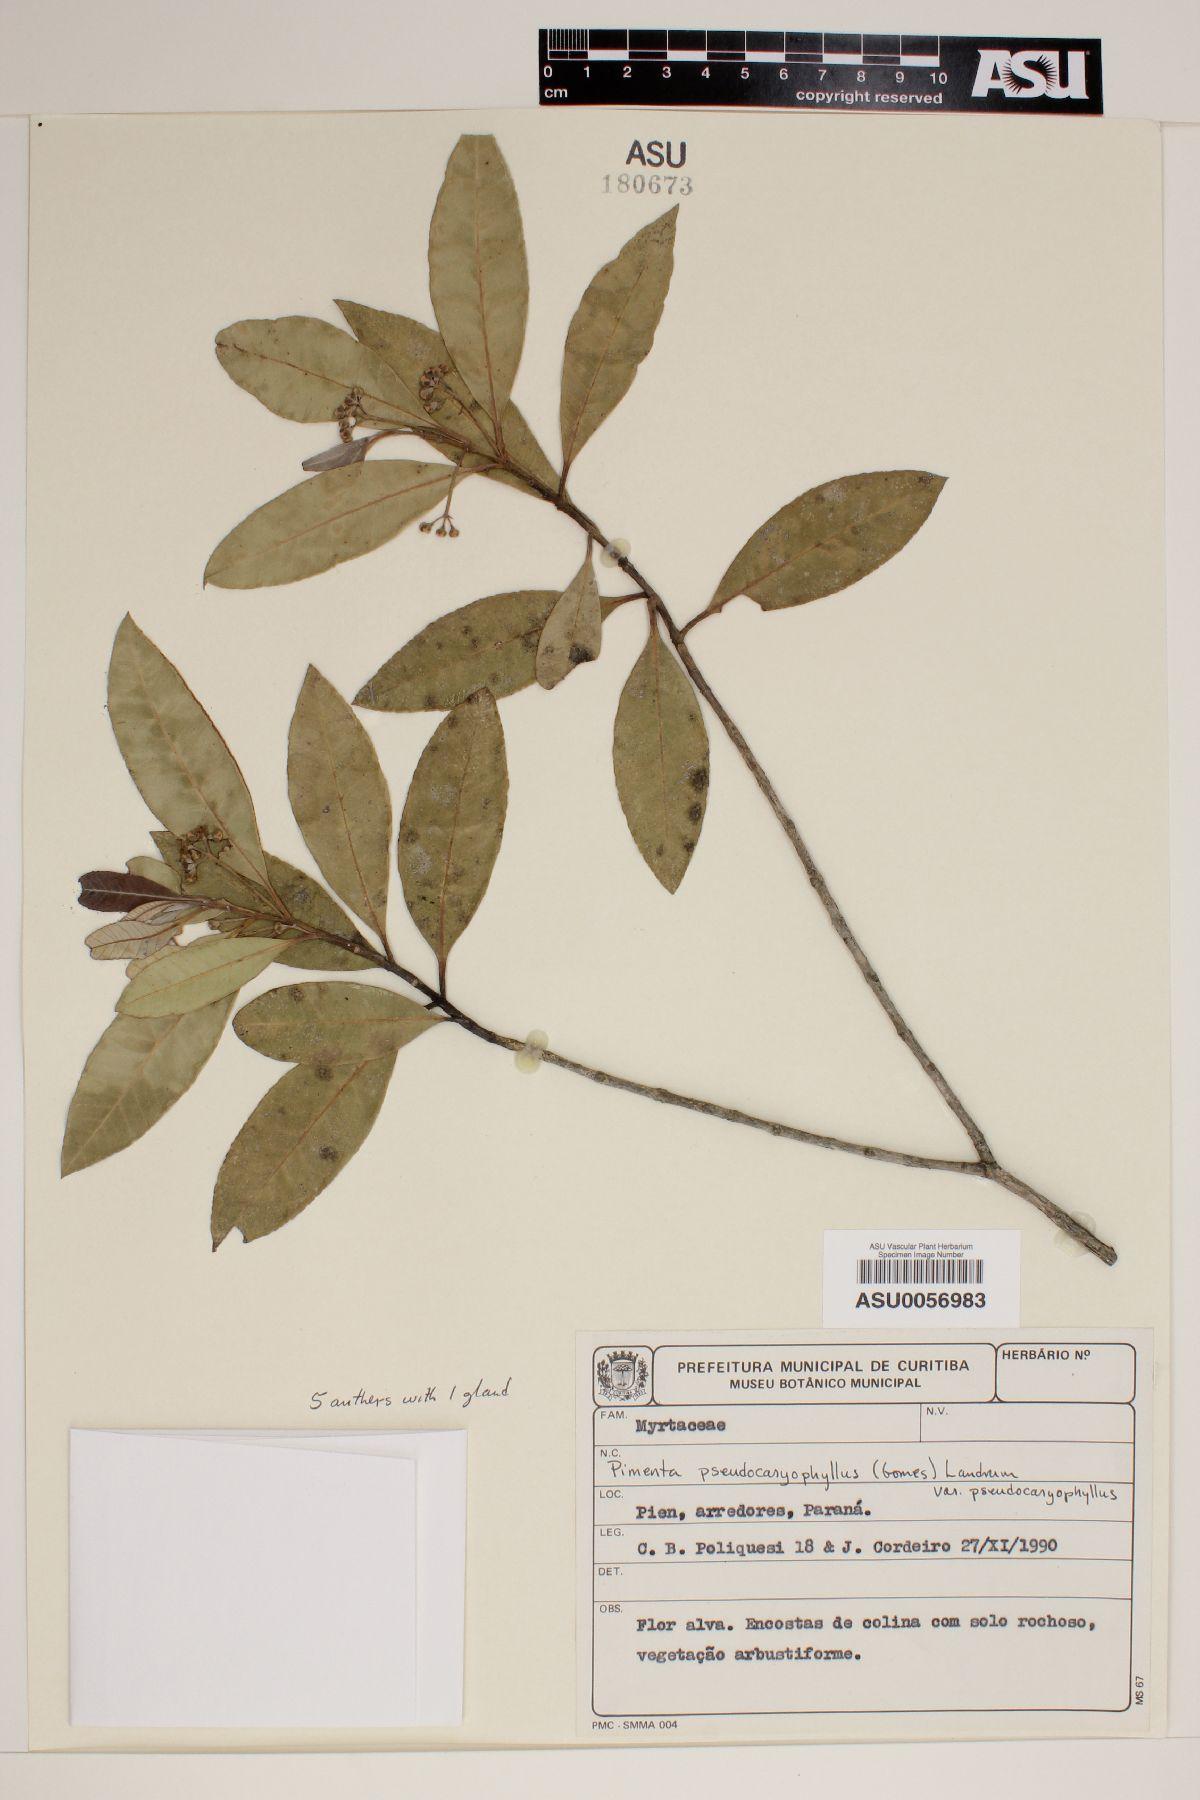 Pimenta pseudocaryophyllus image